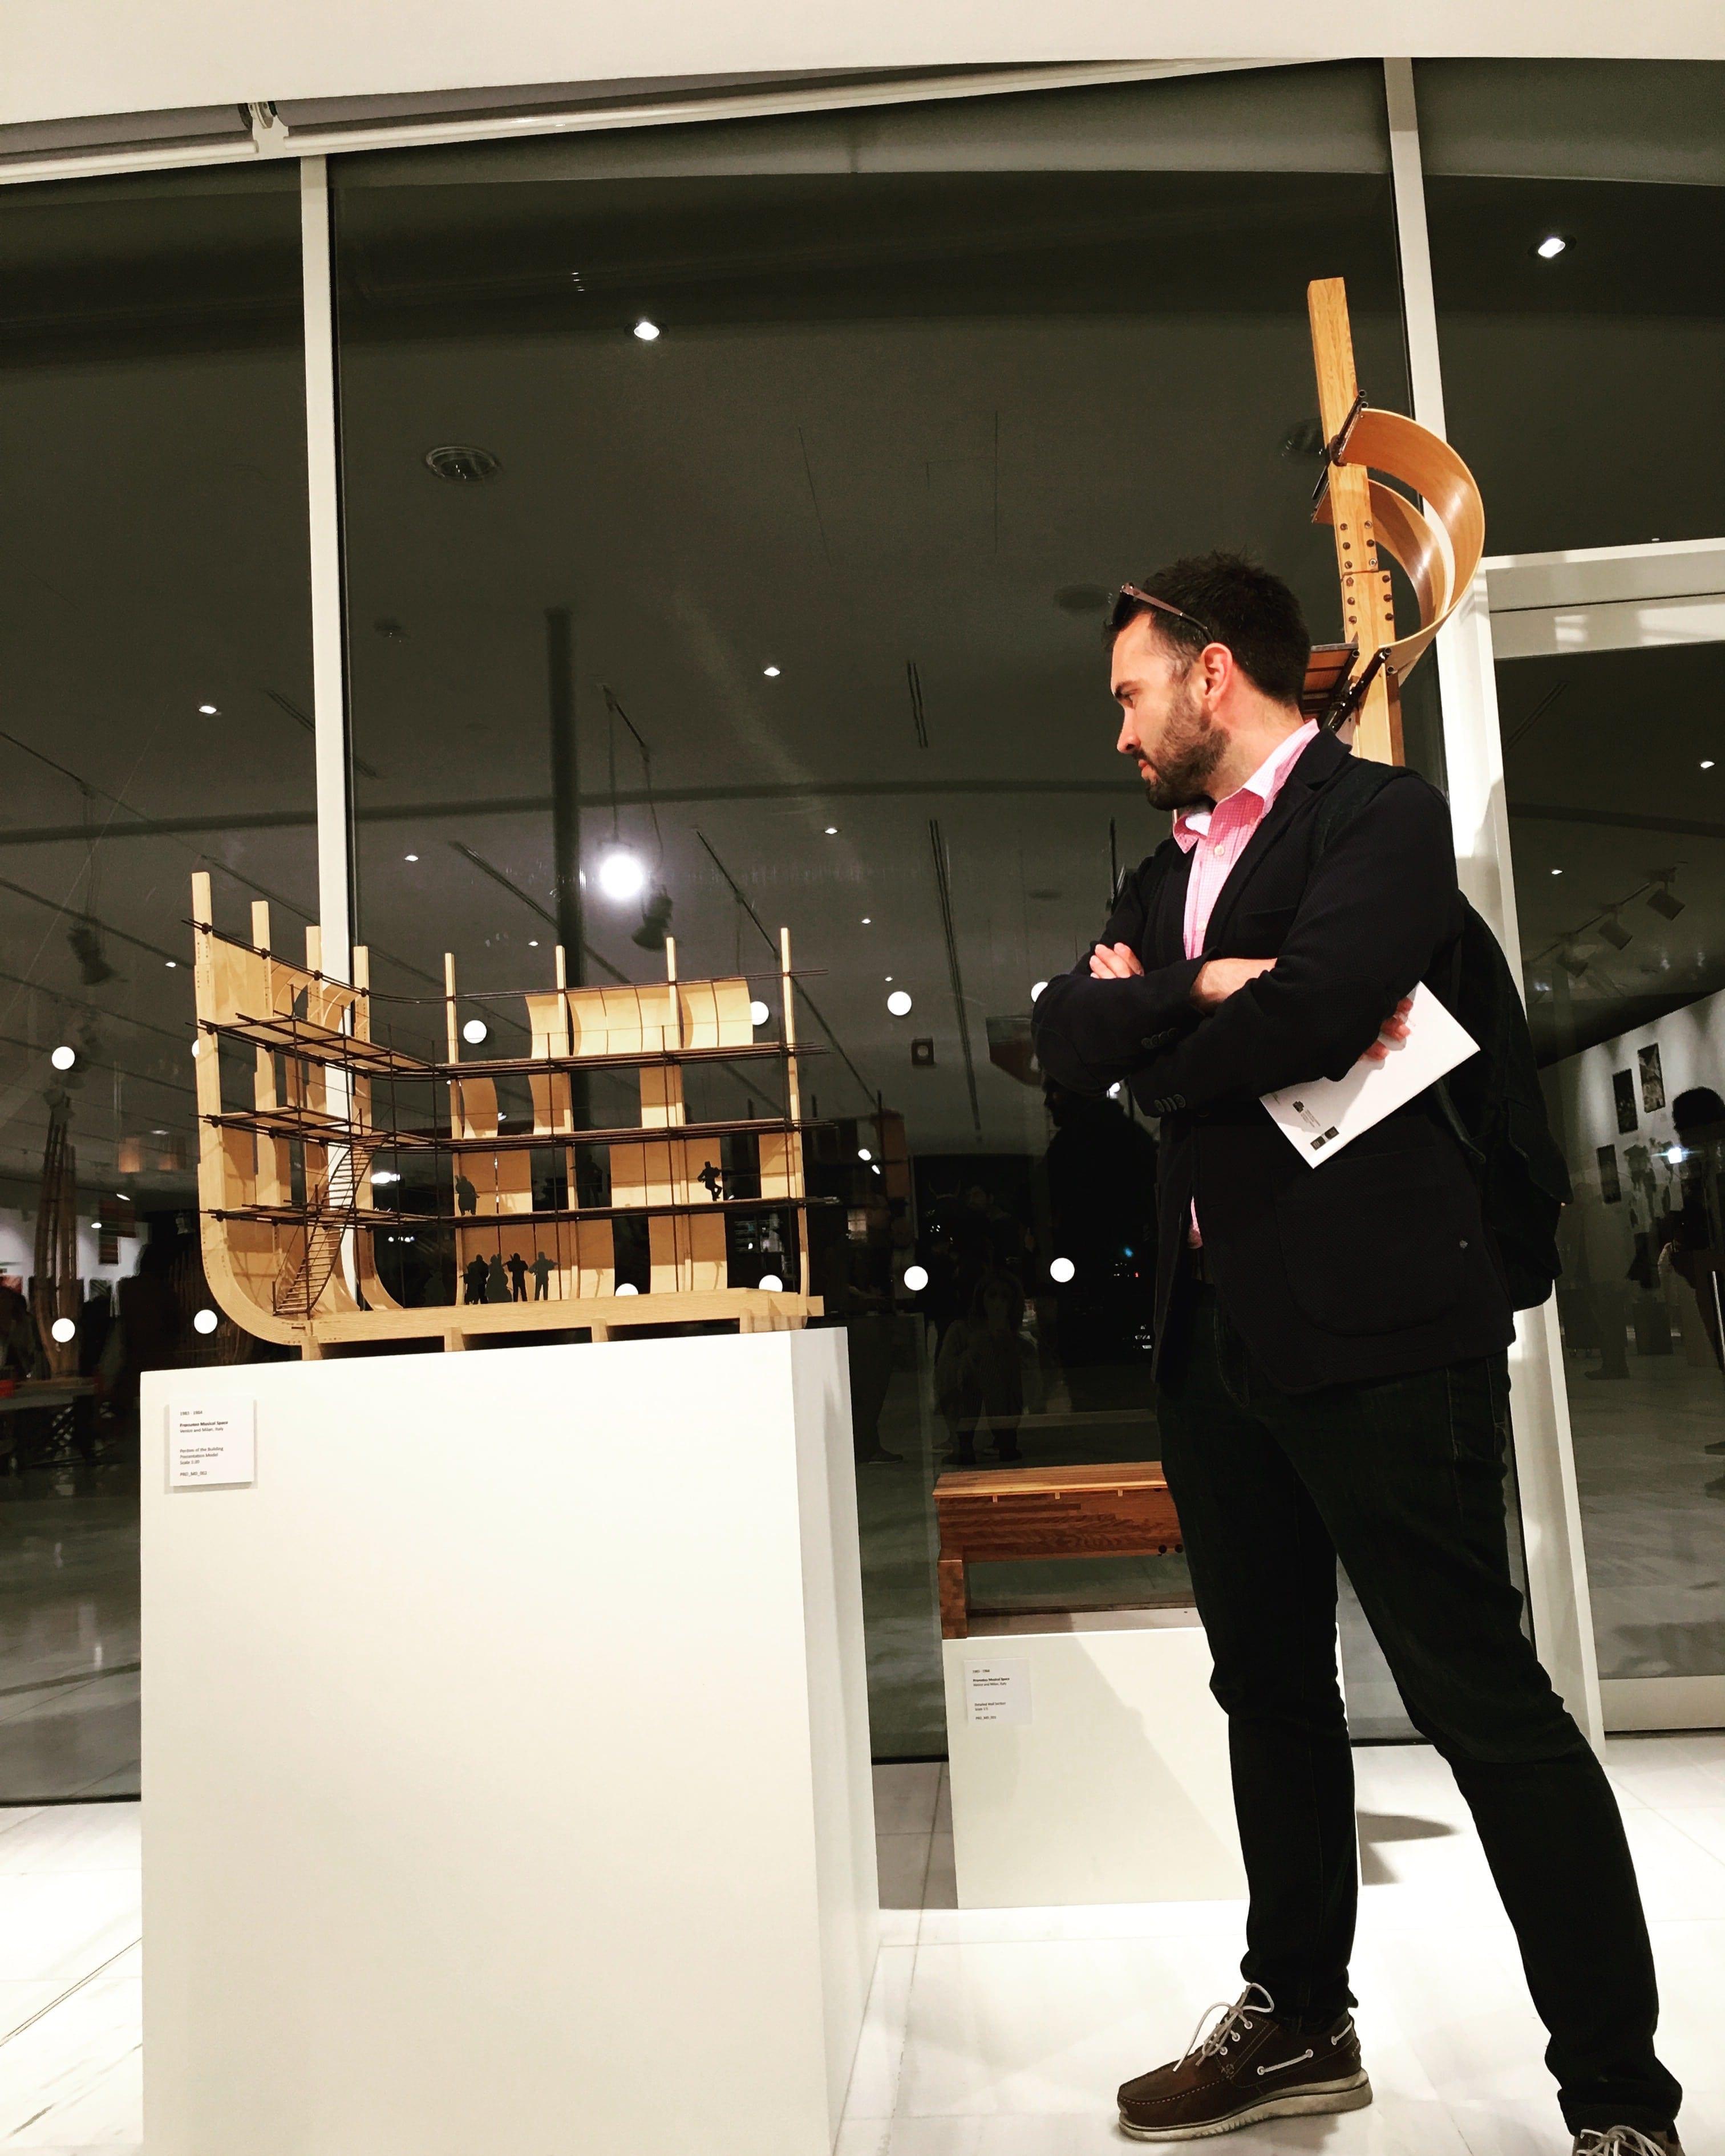 Εγκαίνια της έκθεσης Piece by Piece του Renzo Piano  ΚΠΙΣΝ a84179088ae